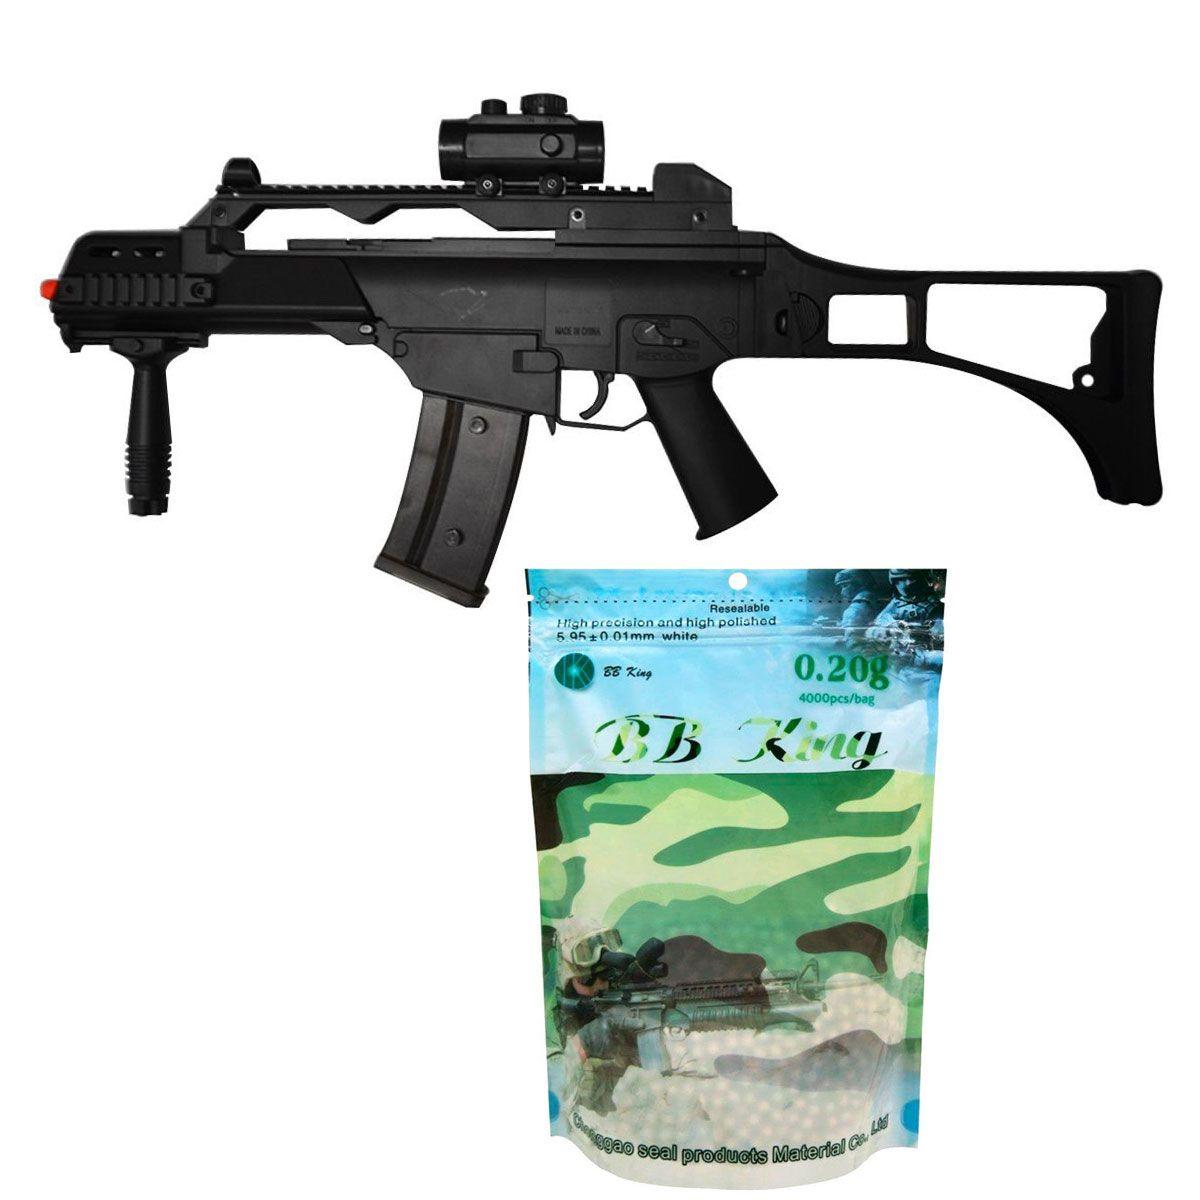 Kit Rifle Cyma G36 CM021 6mm + BB King 0,20g